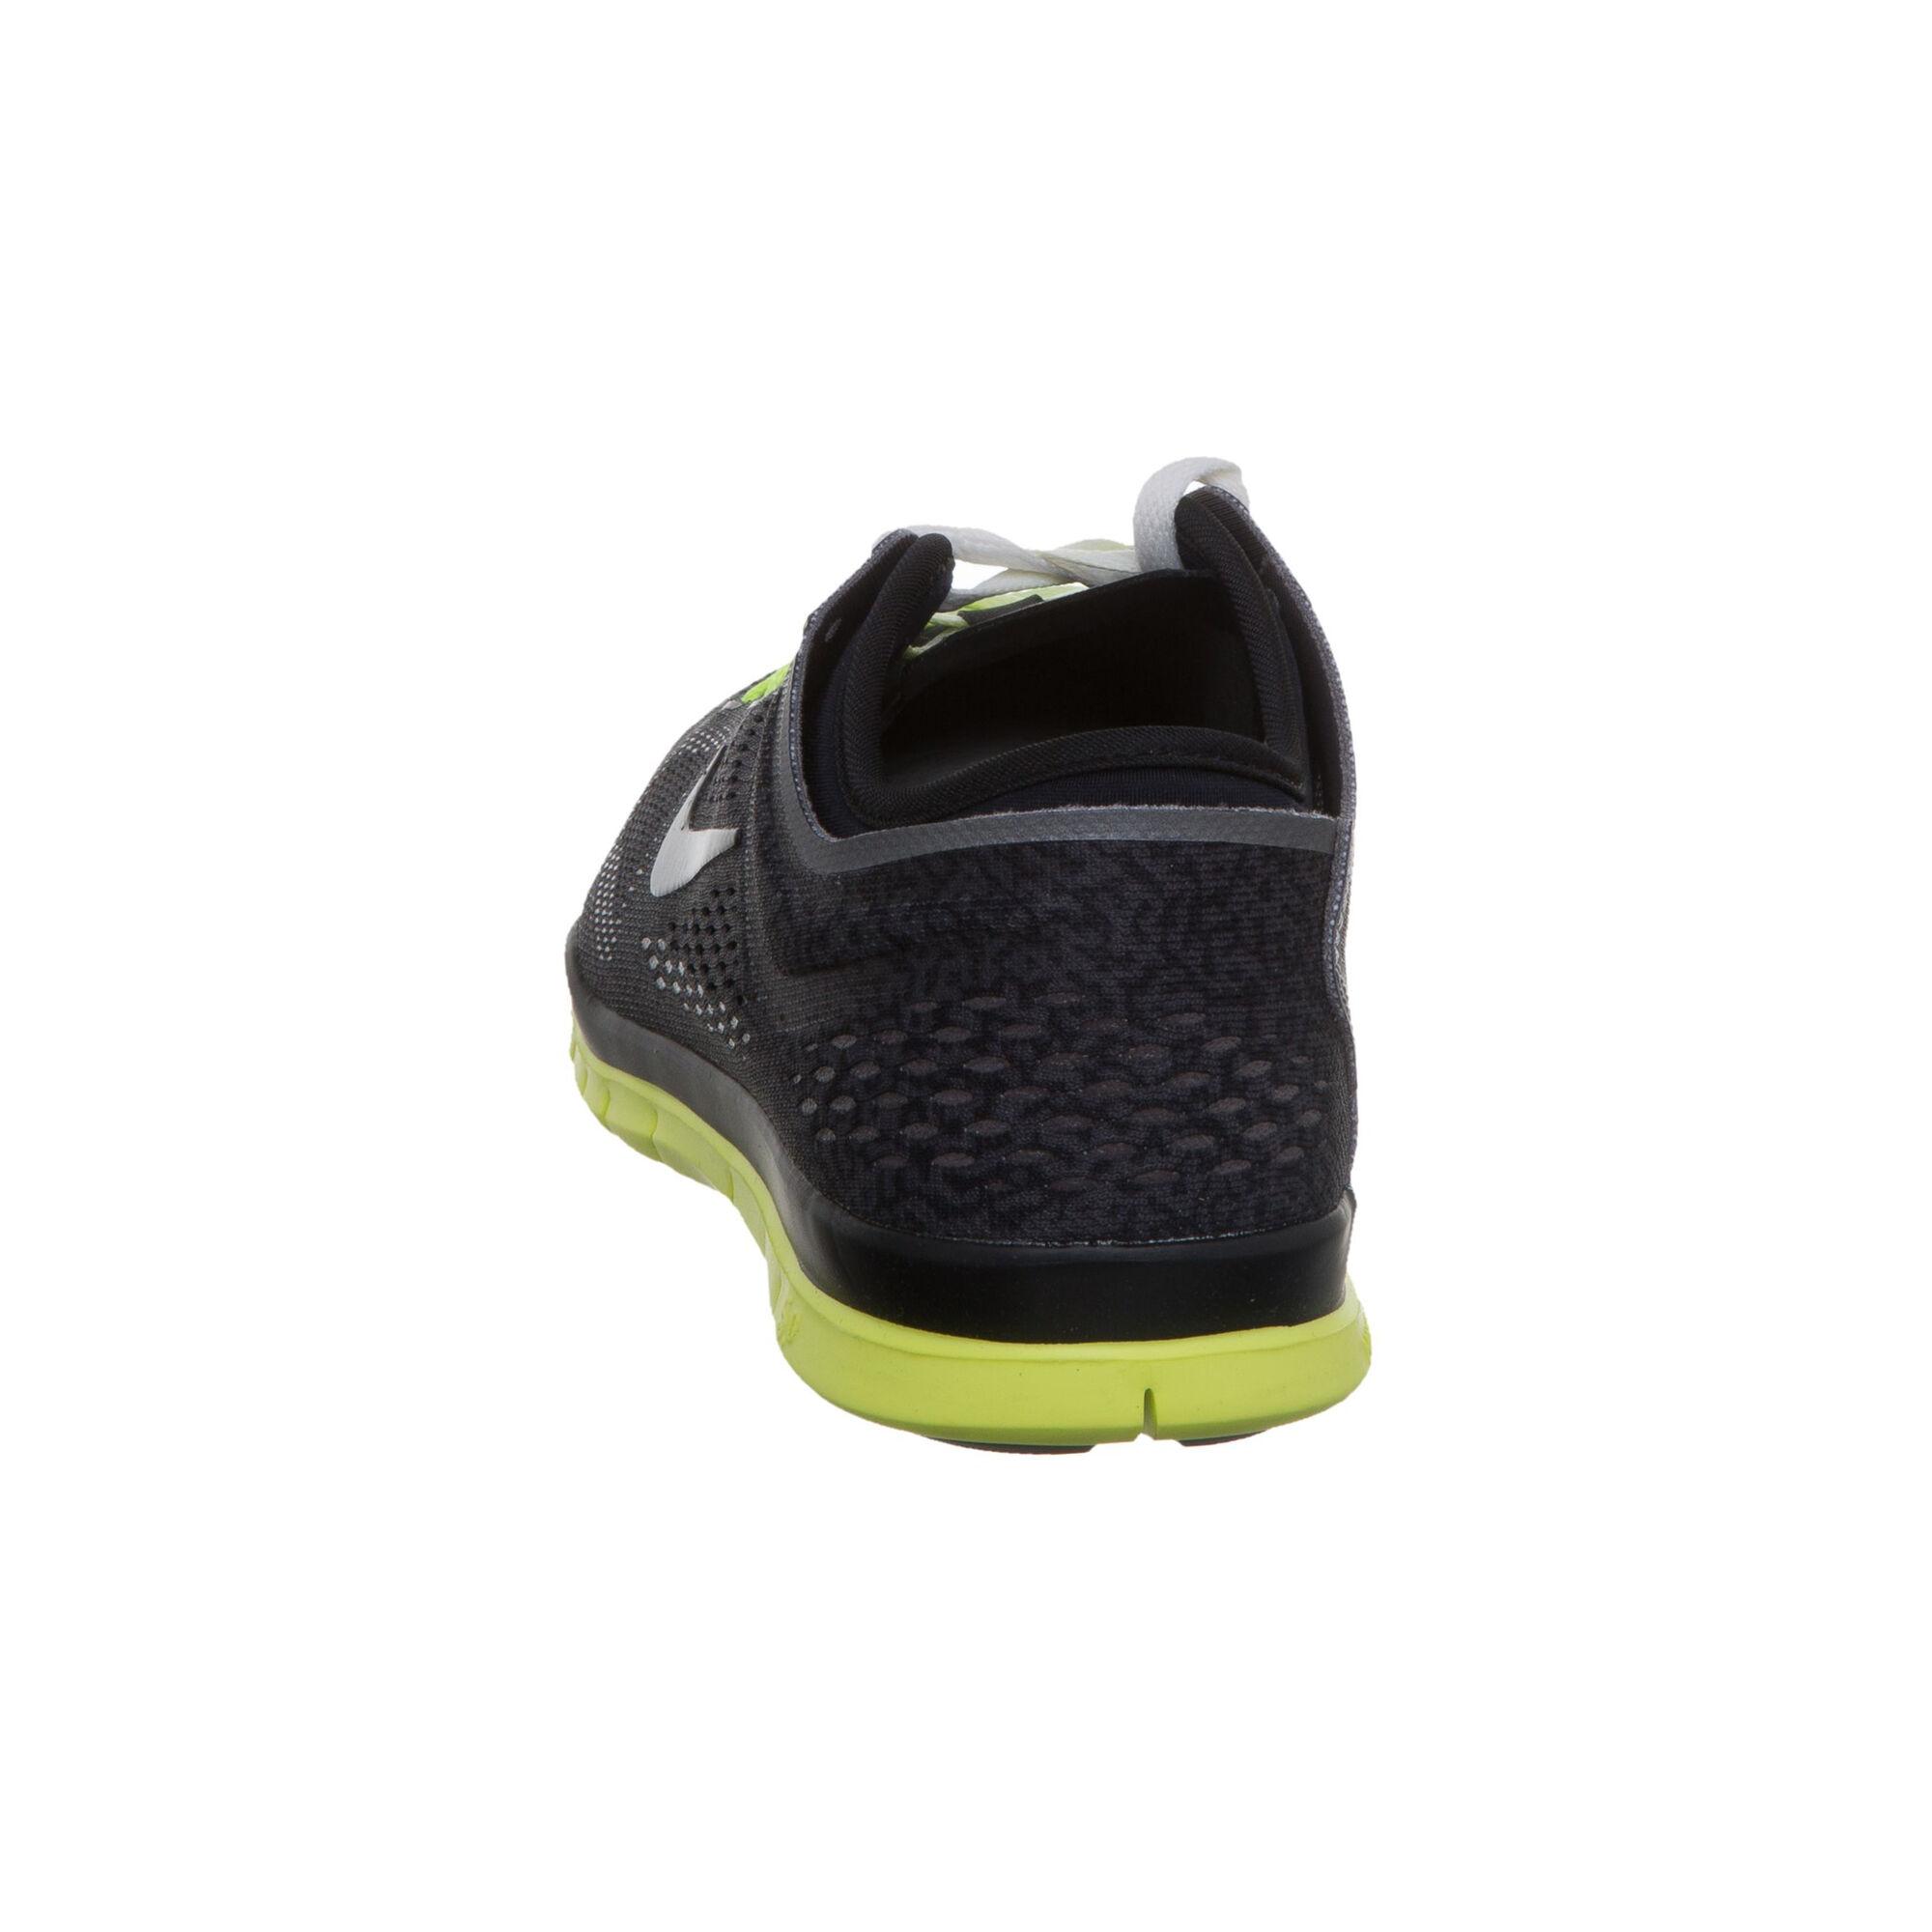 separation shoes b387d fcf01 Nike Nike Nike Nike Nike Nike Nike Nike Nike. Free 5.0 TR Fit 4 ...